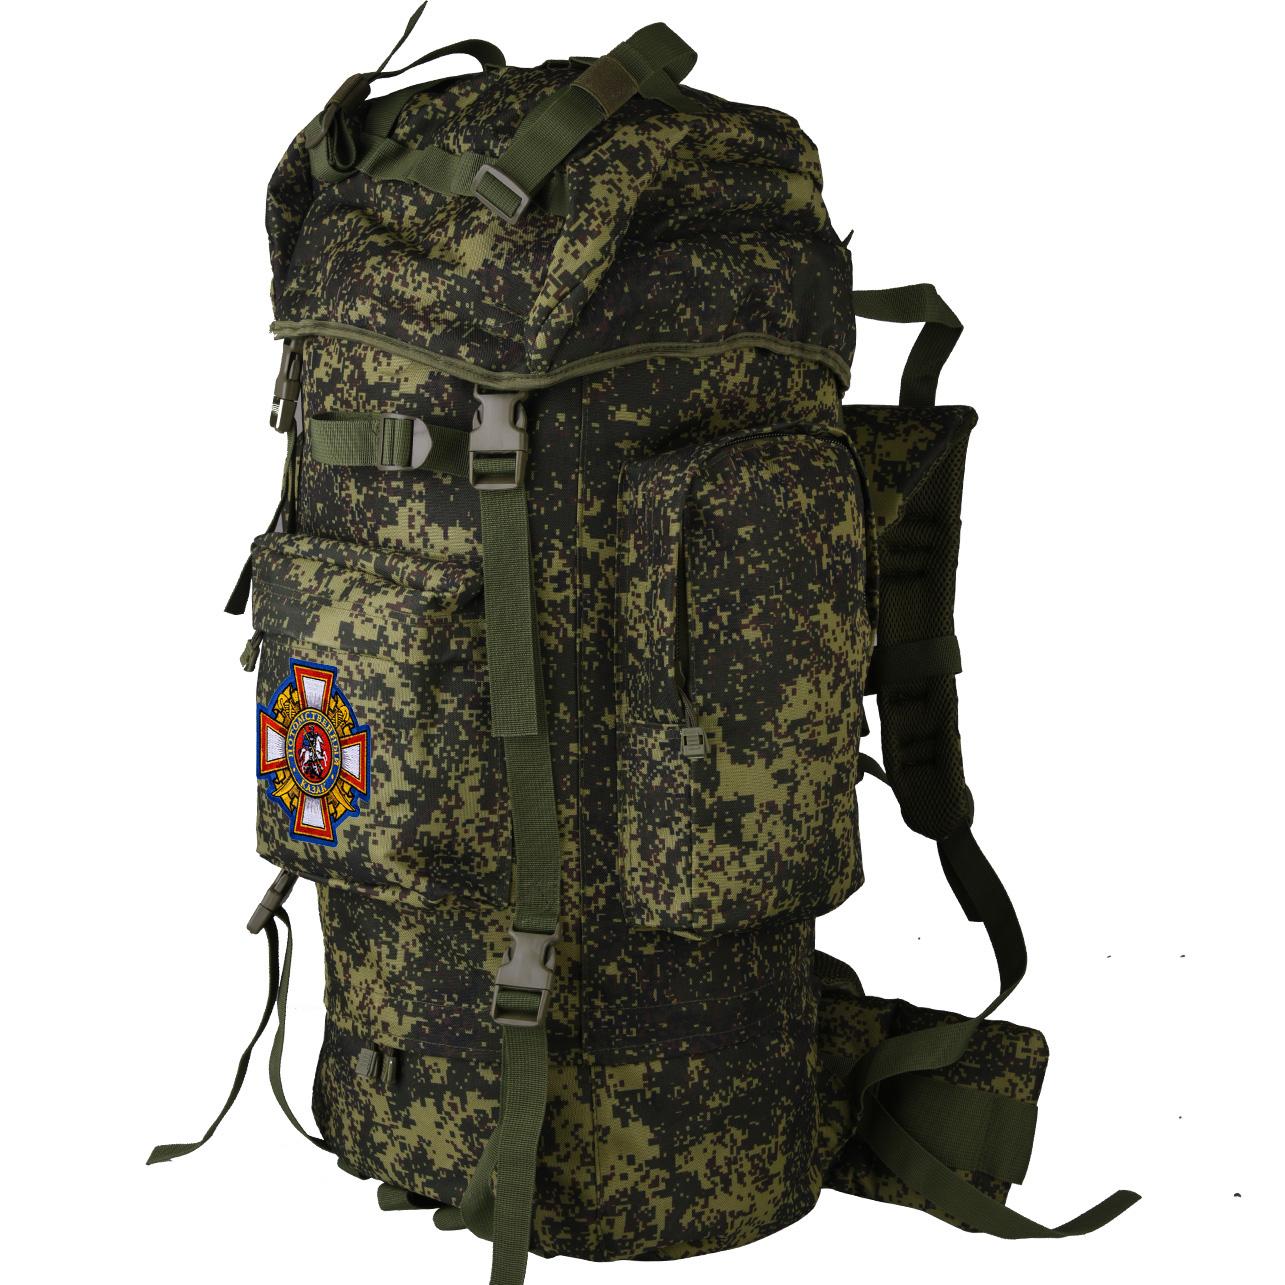 Зачетный многодневный рюкзак с нашивкой Потомственный Казак - заказать выгодно